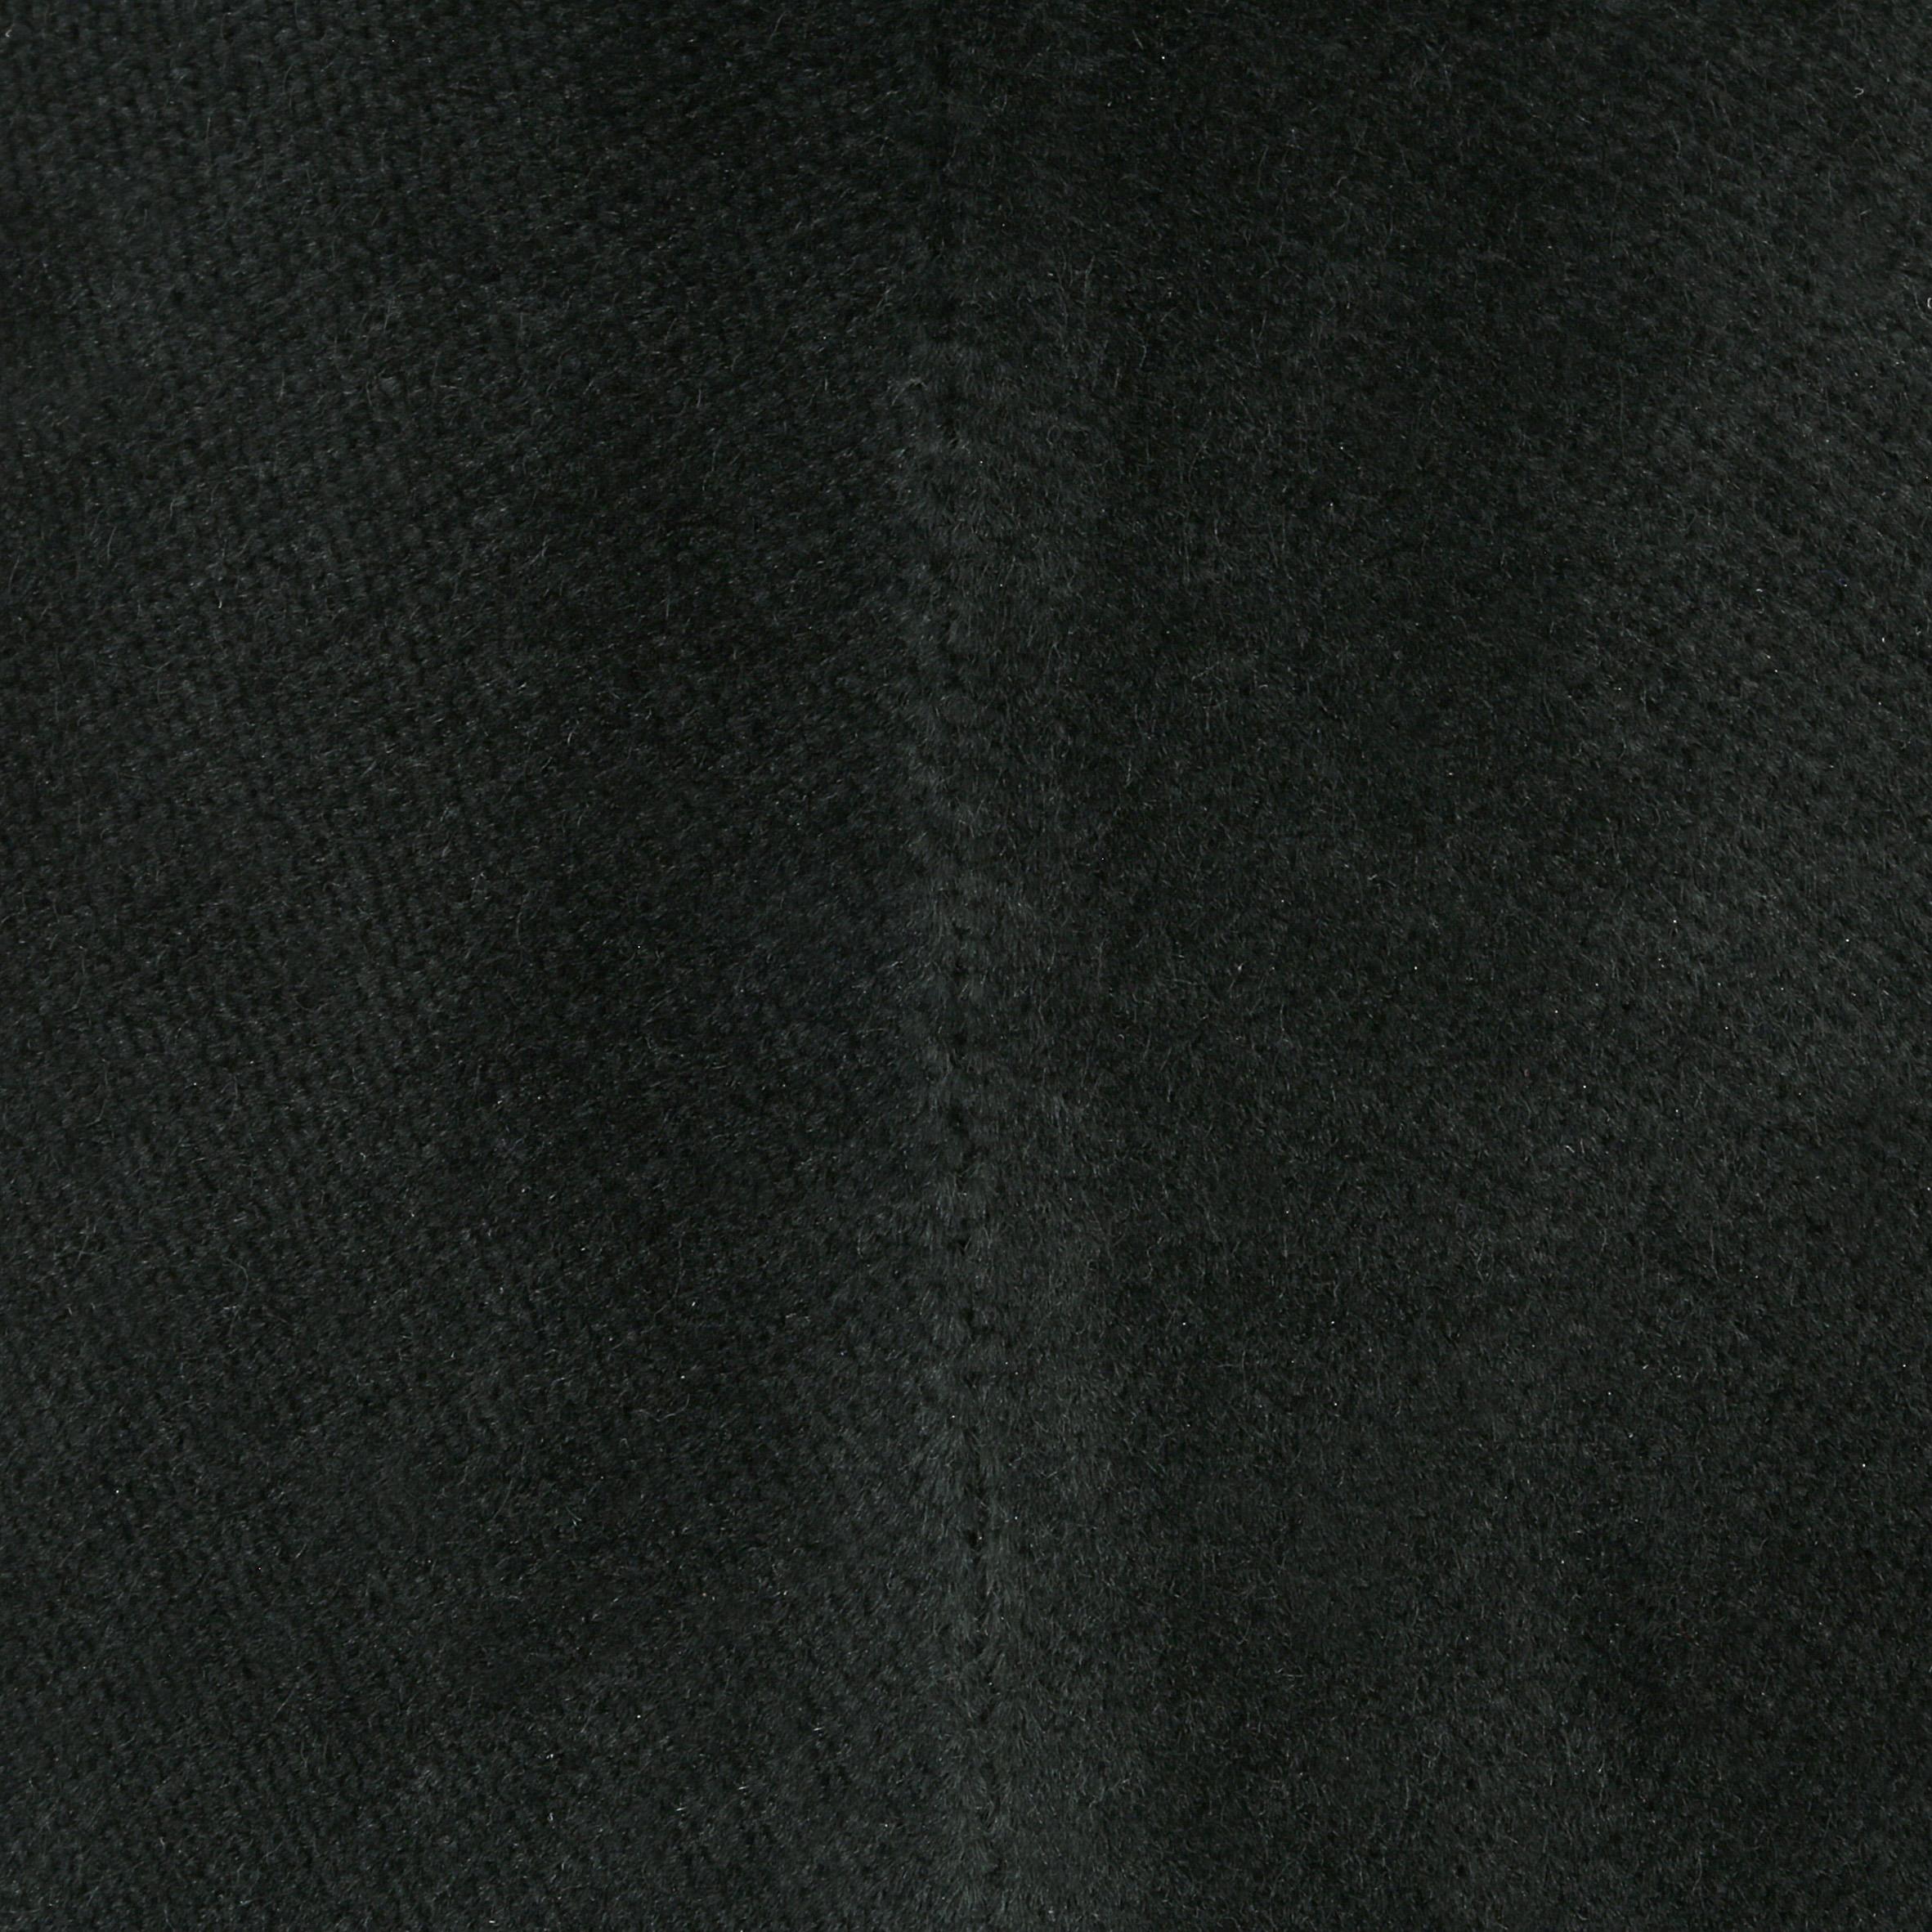 """Bombe équitation C400 velours noir (tailles 20 3/8"""" à 23 1/8"""" )"""